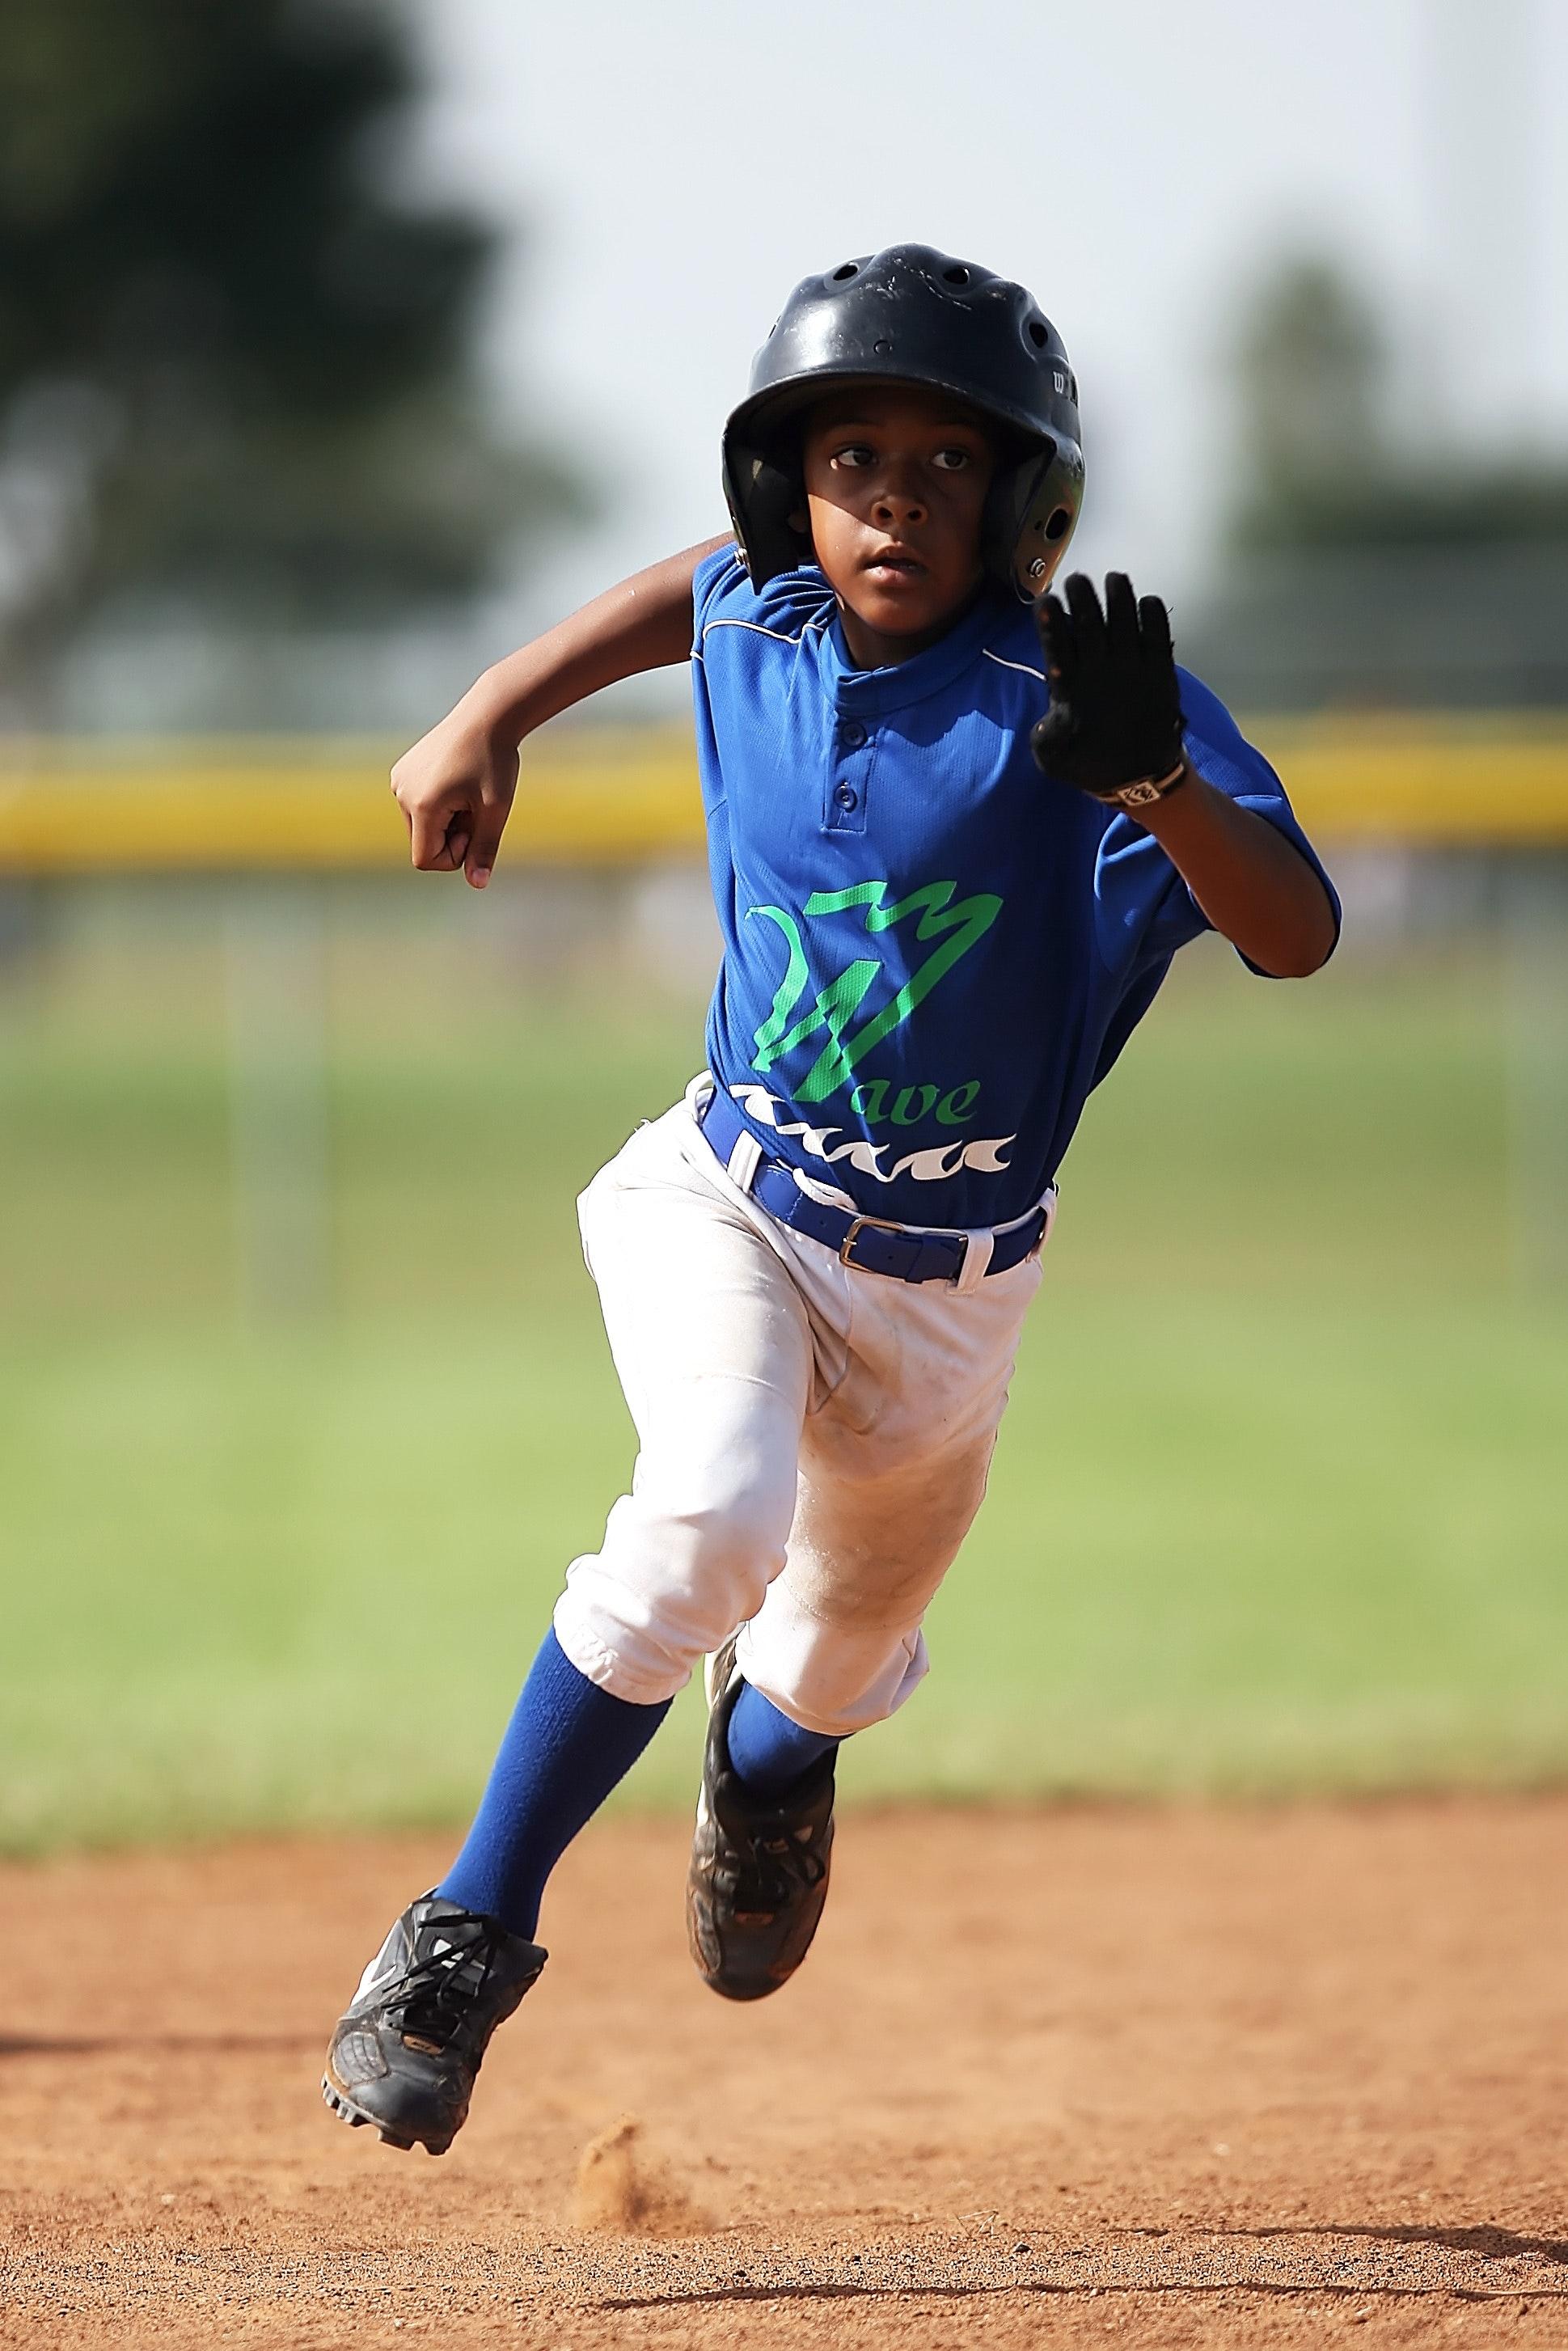 115 action-athlete-baseball-163209.jpg